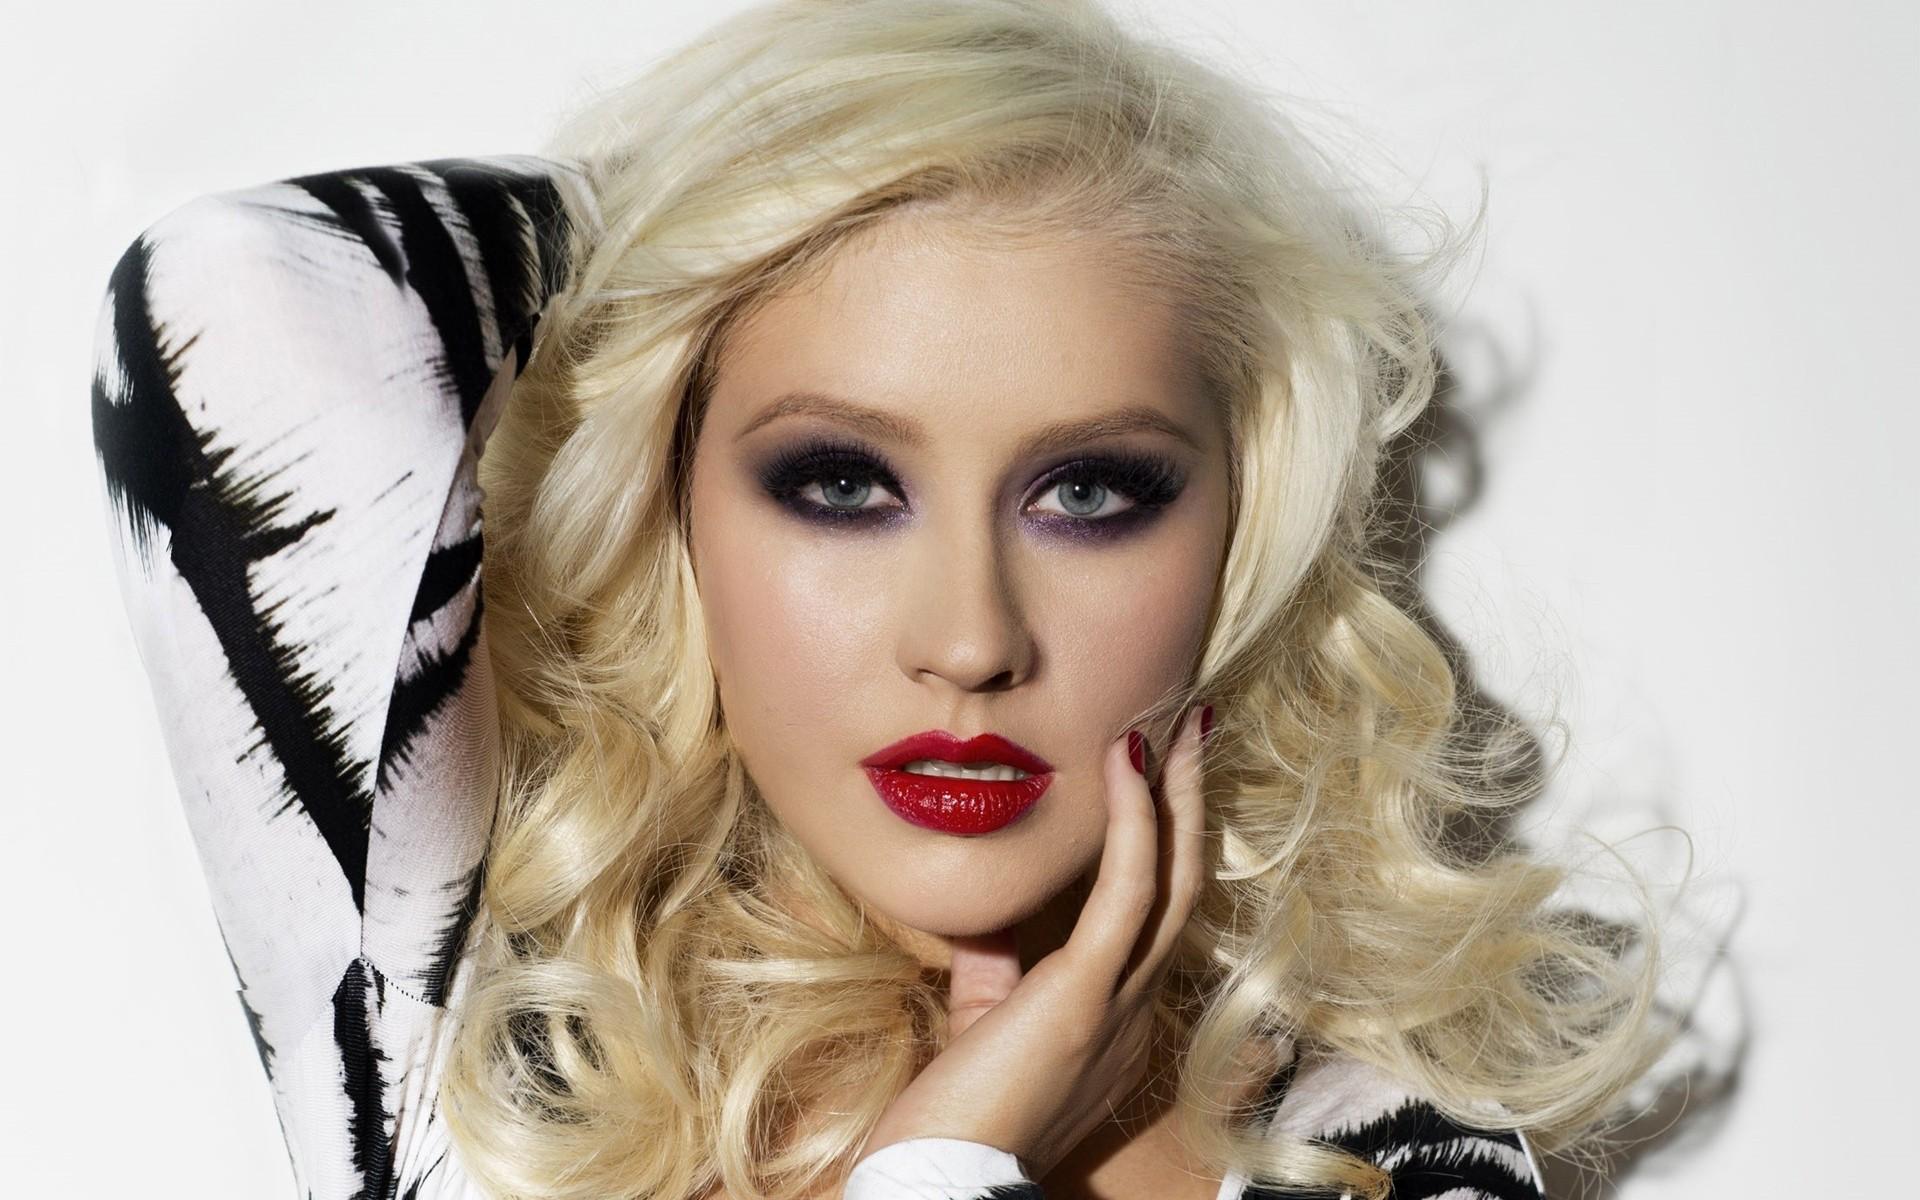 christina aguilera makeup desktop wallpaper 59844